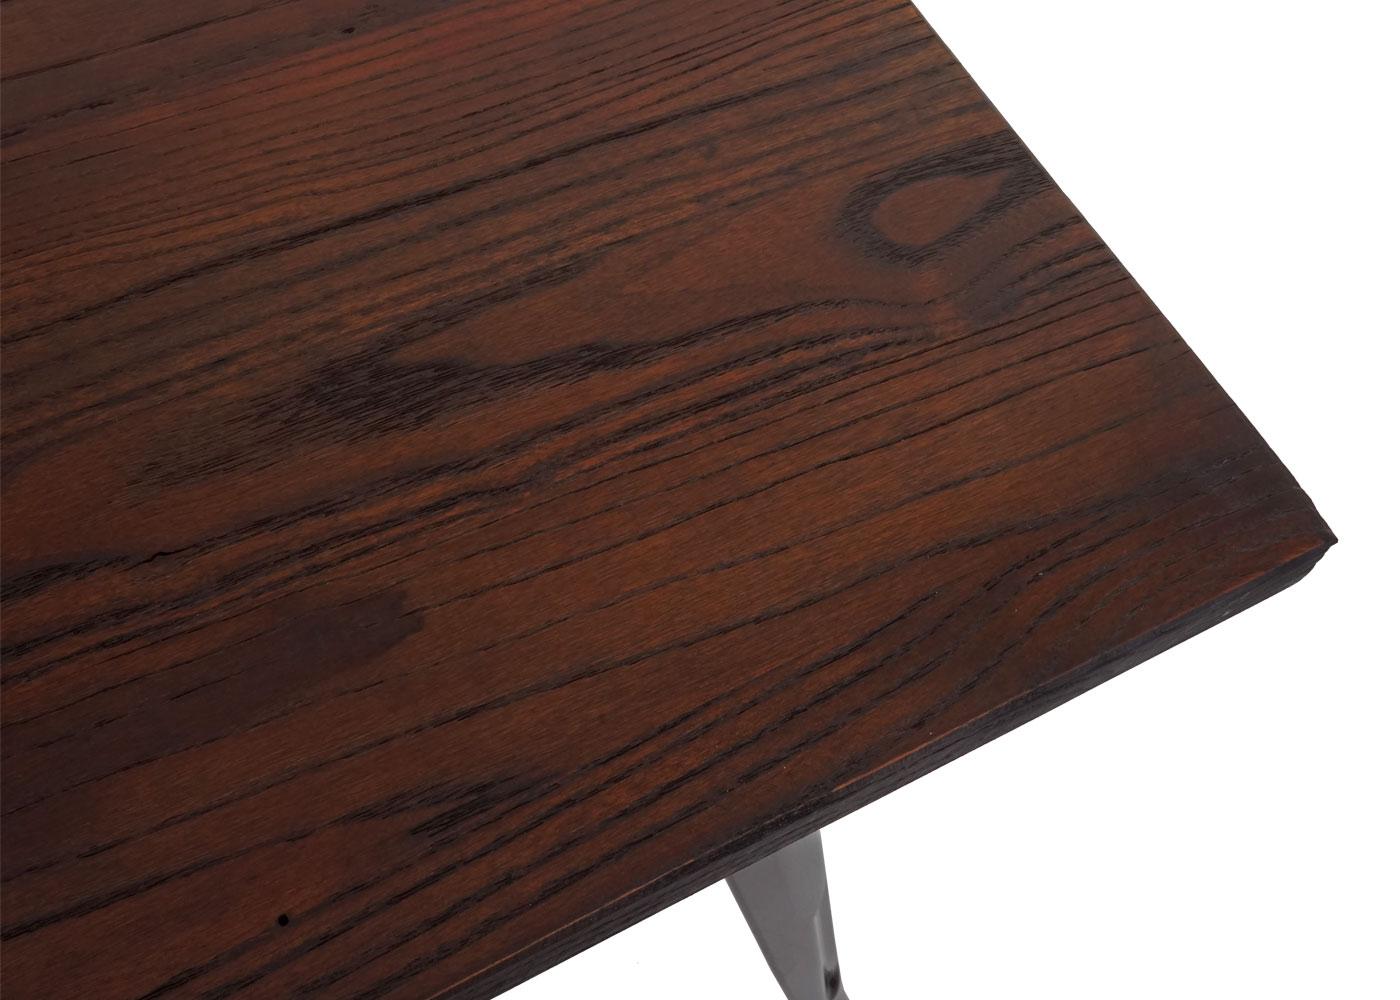 HWC-H10a Esstisch Deatilbild Tischplatte